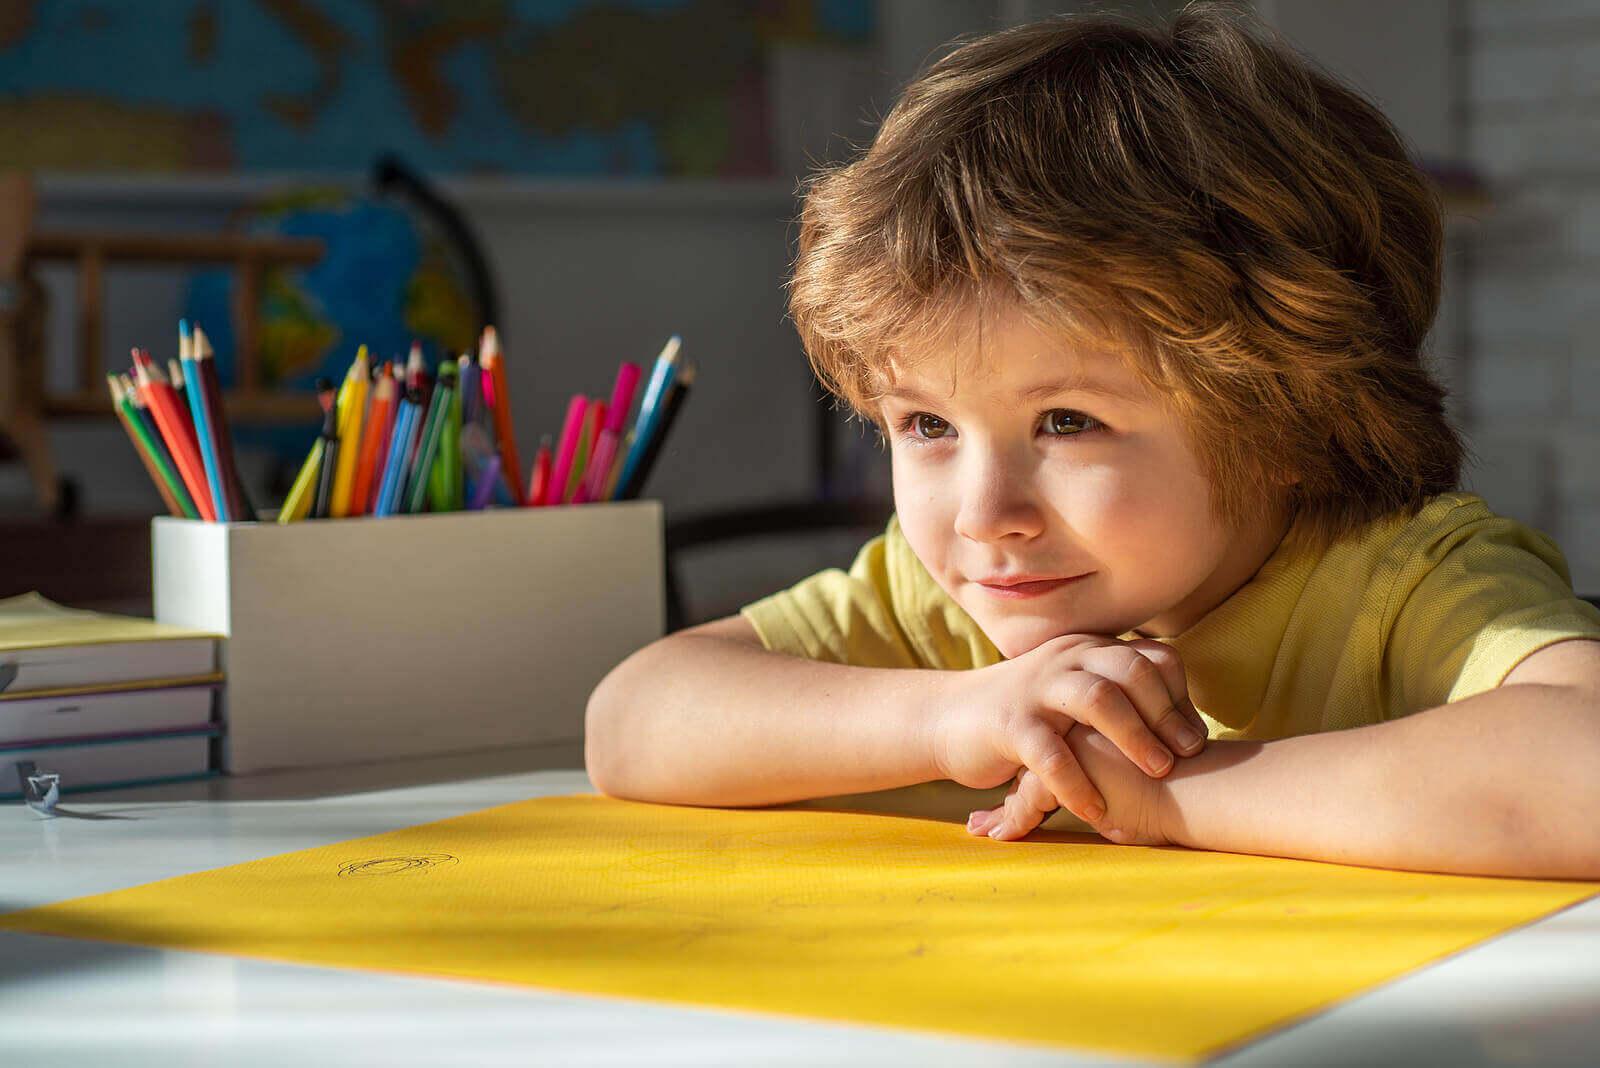 아이들이 공부 시간을 잘 조직하도록 가르치는 것의 중요성